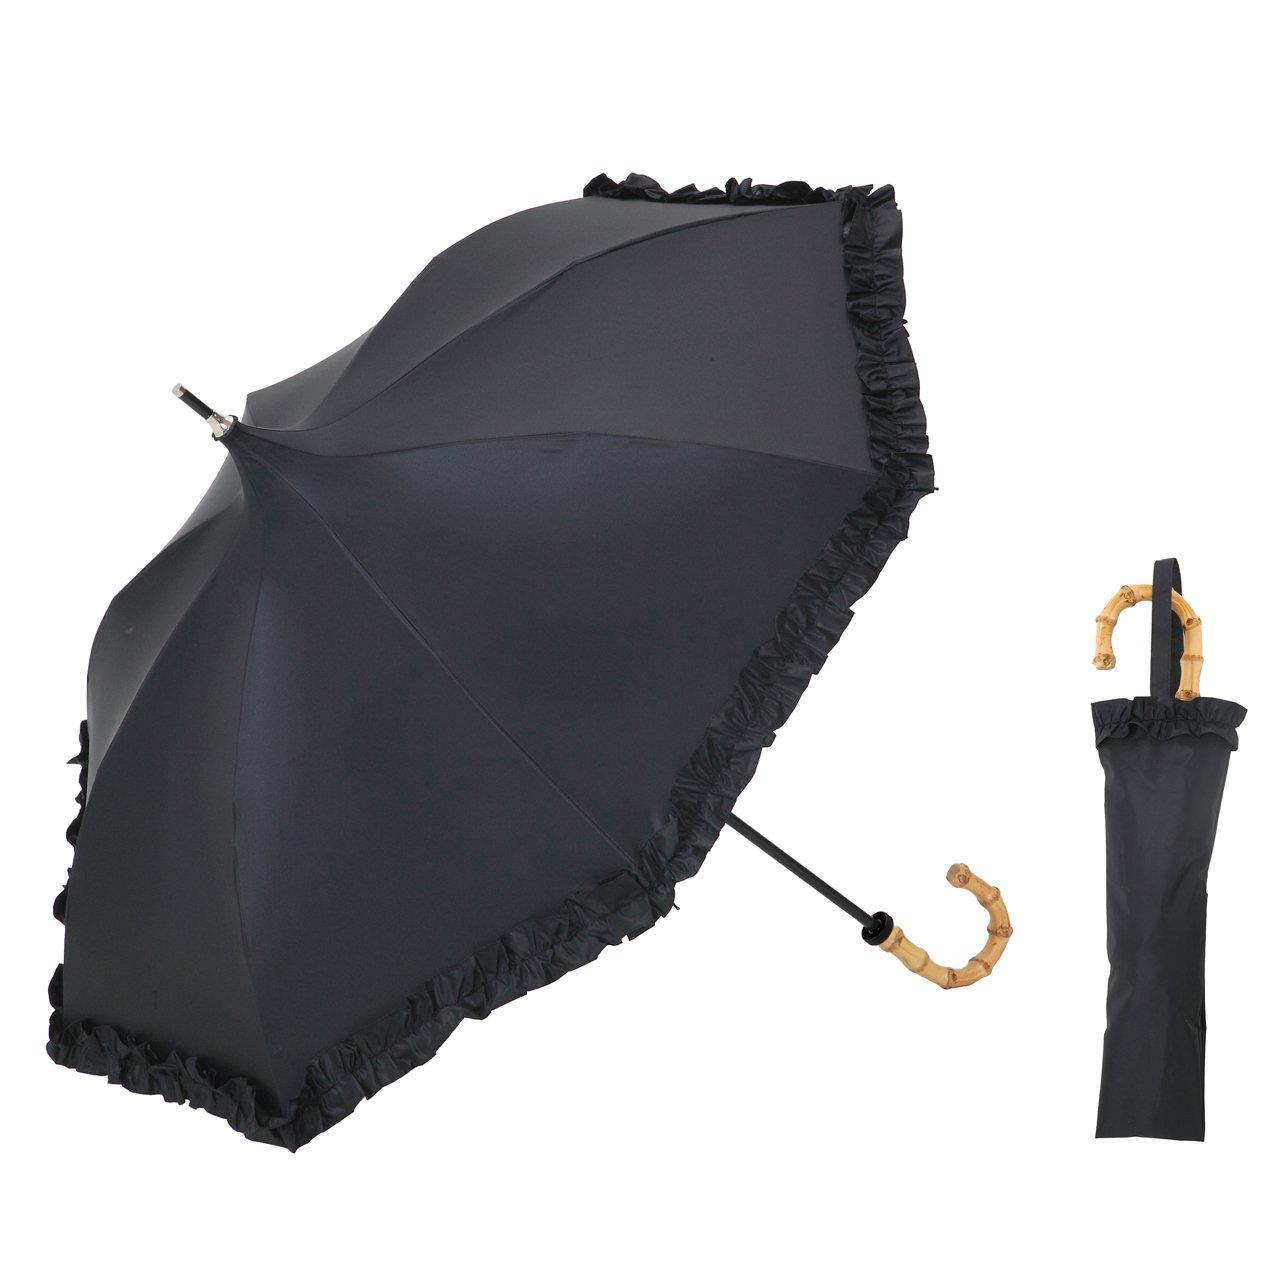 UVカット 遮光1級 折りたたみ傘 クールプラス パゴダ (晴雨兼用折傘) 日傘